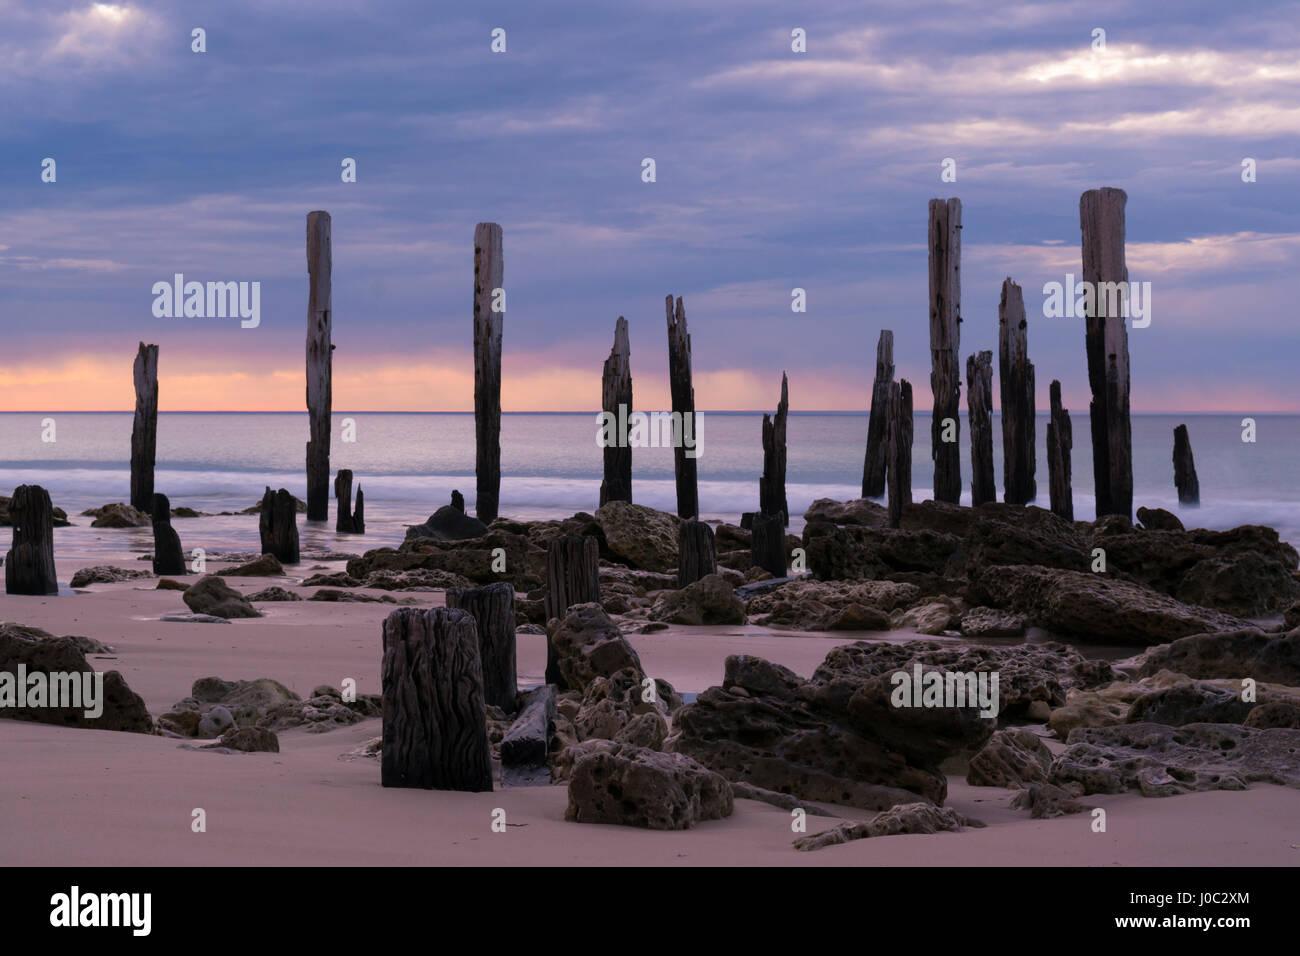 Ruines de la jetée du Port à Alan Jaume & Fils, l'Australie du Sud au coucher du soleil. Vitesse Photo Stock